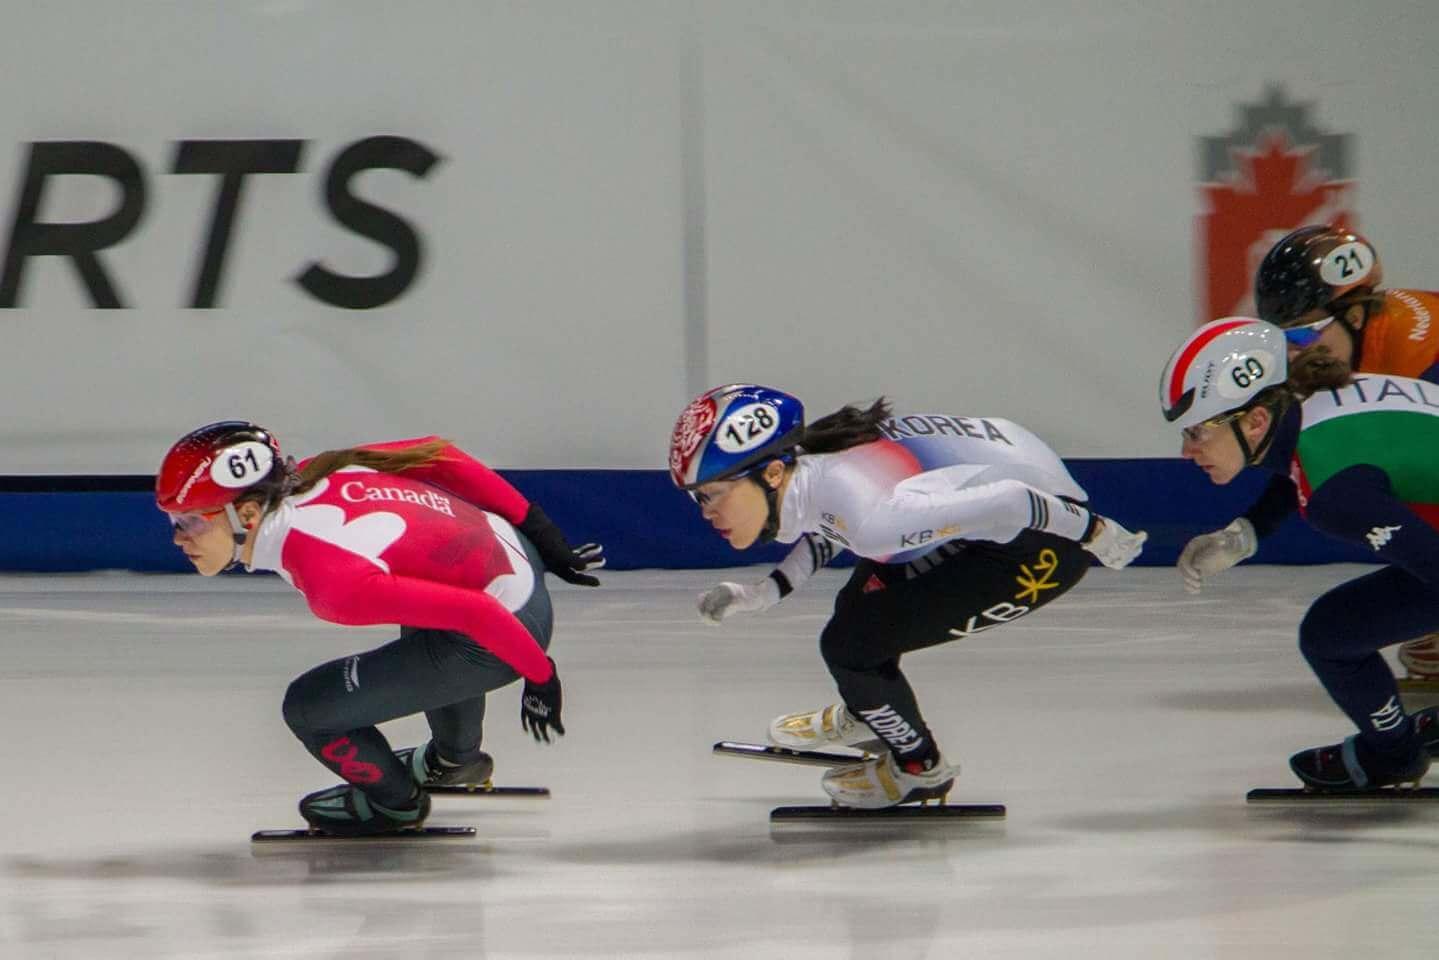 Kasandra Bradette en pleine course lors d'une compétition de patinage de vitesse